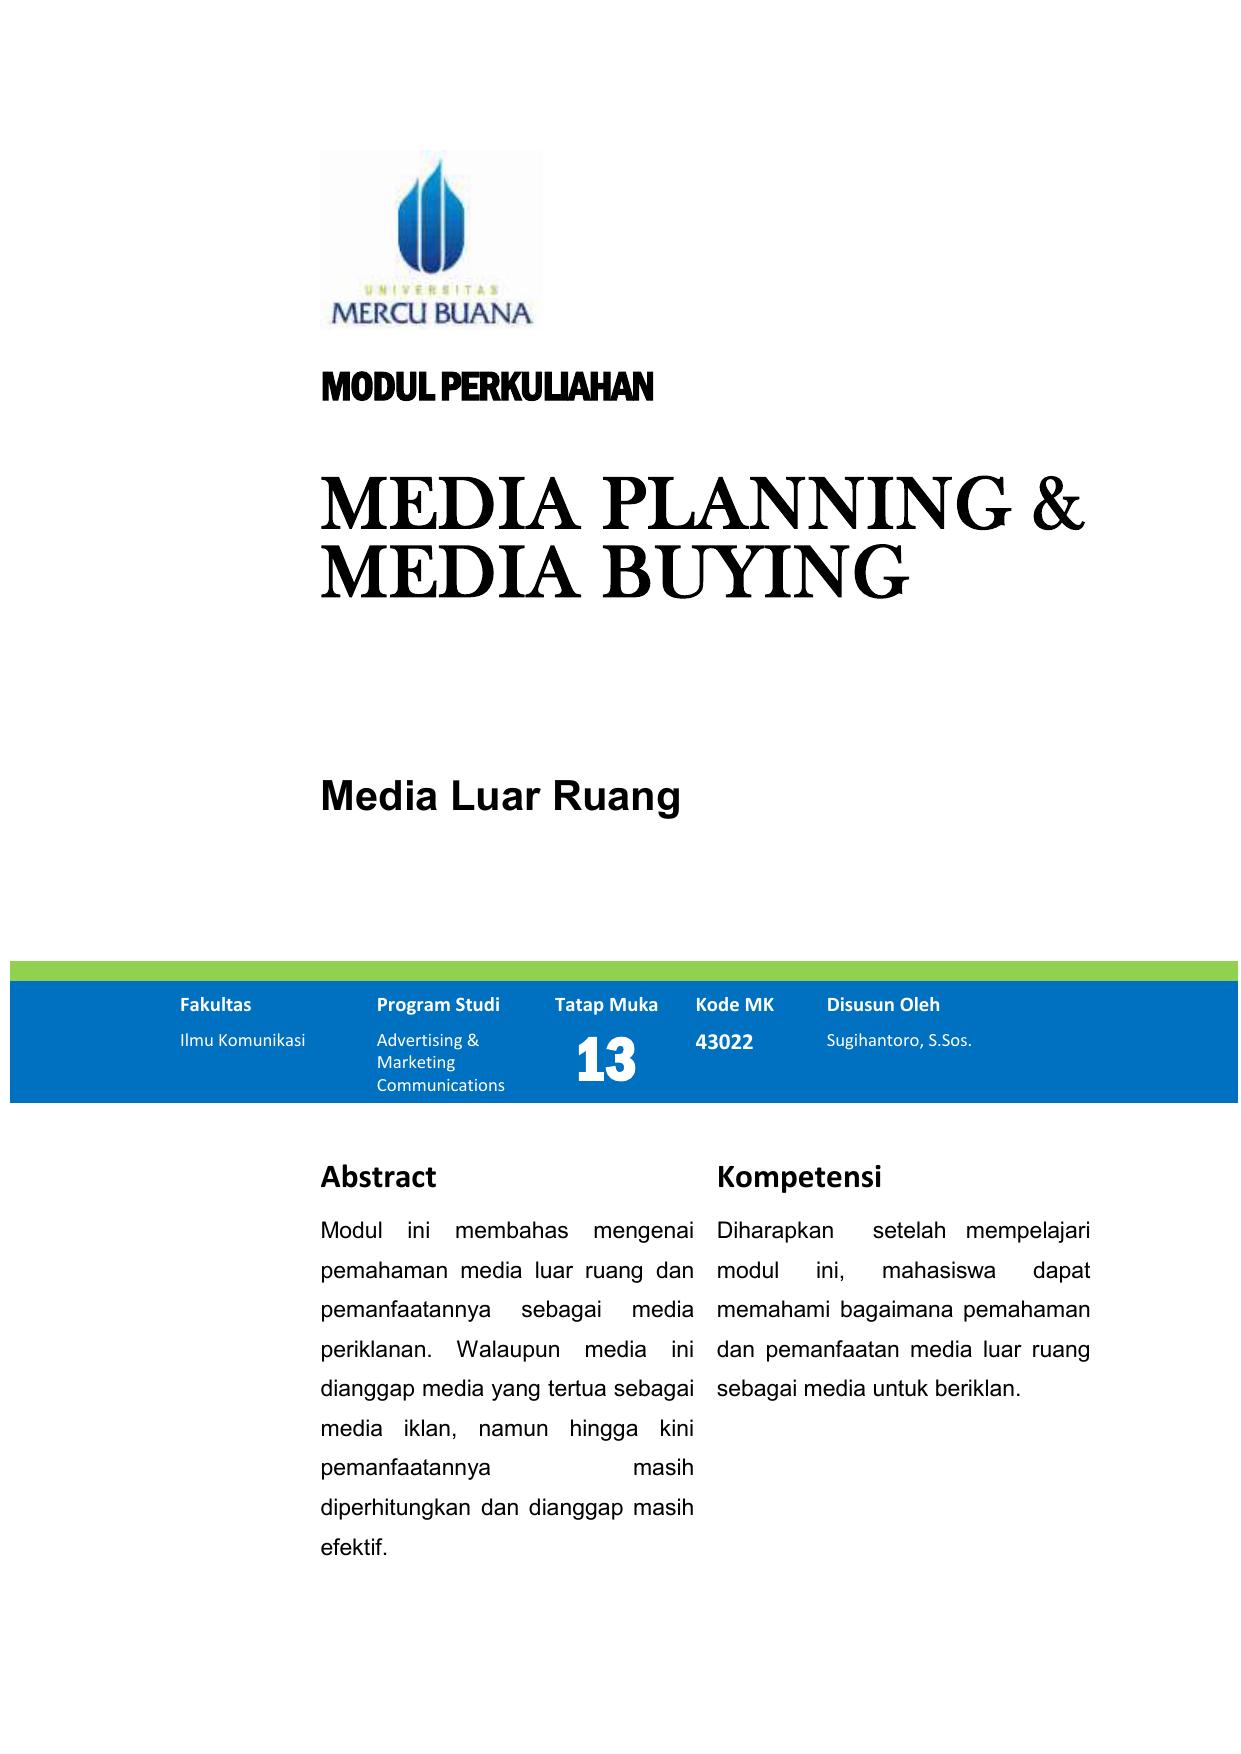 Contoh Reklame Media Visual Yang Dipasang Di Luar Ruang Adalah Berbagai Ruang